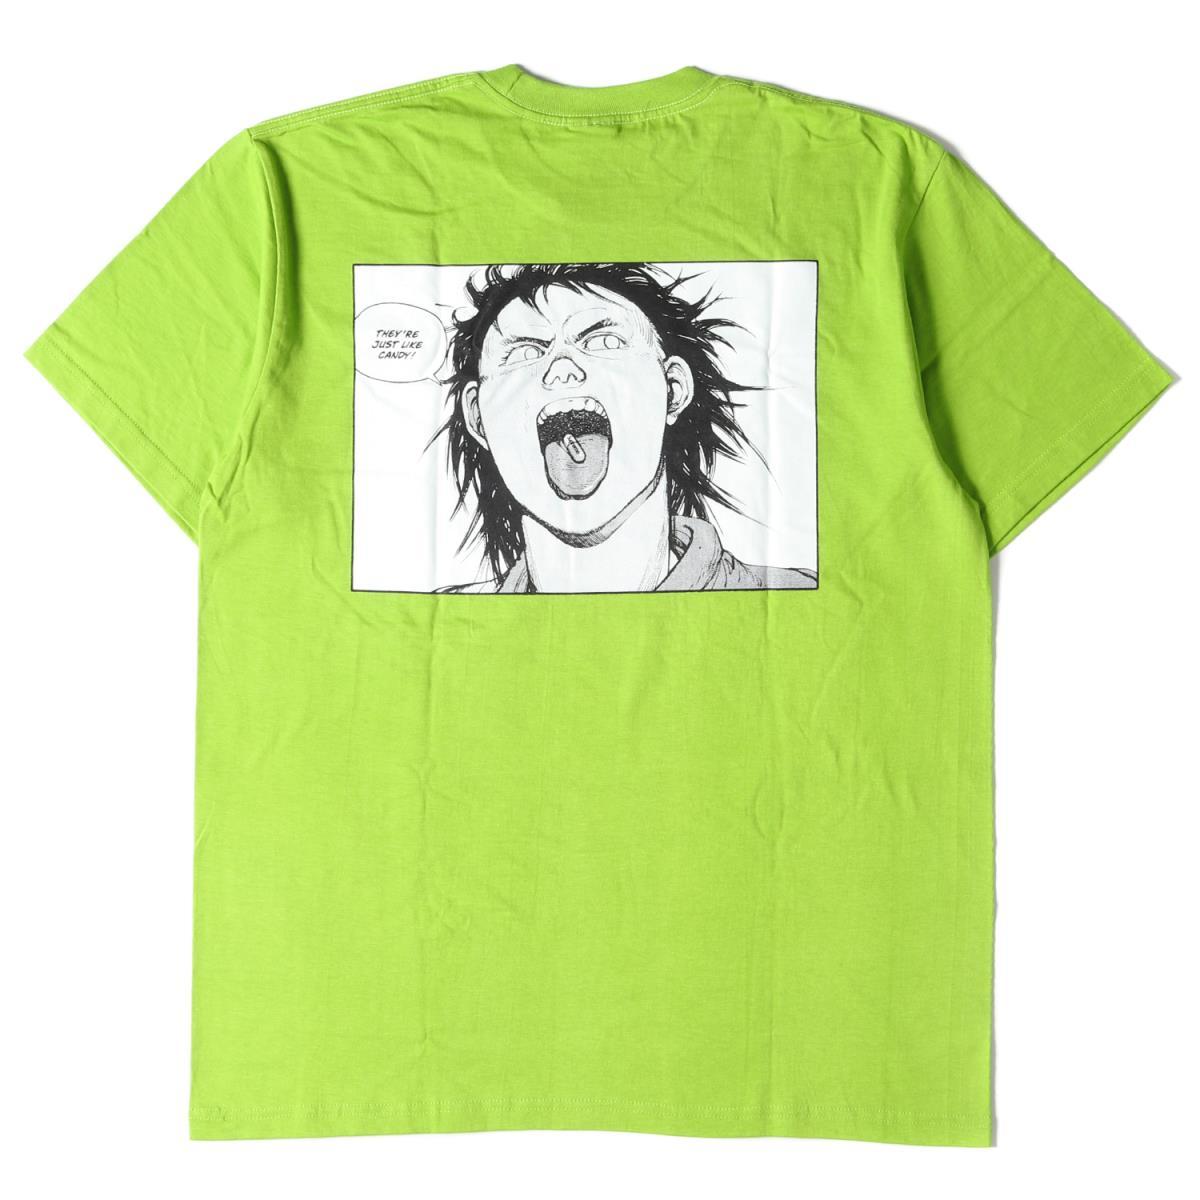 トップス, Tシャツ・カットソー Supreme T 17AW AKIRA T Pill Tee M K3028